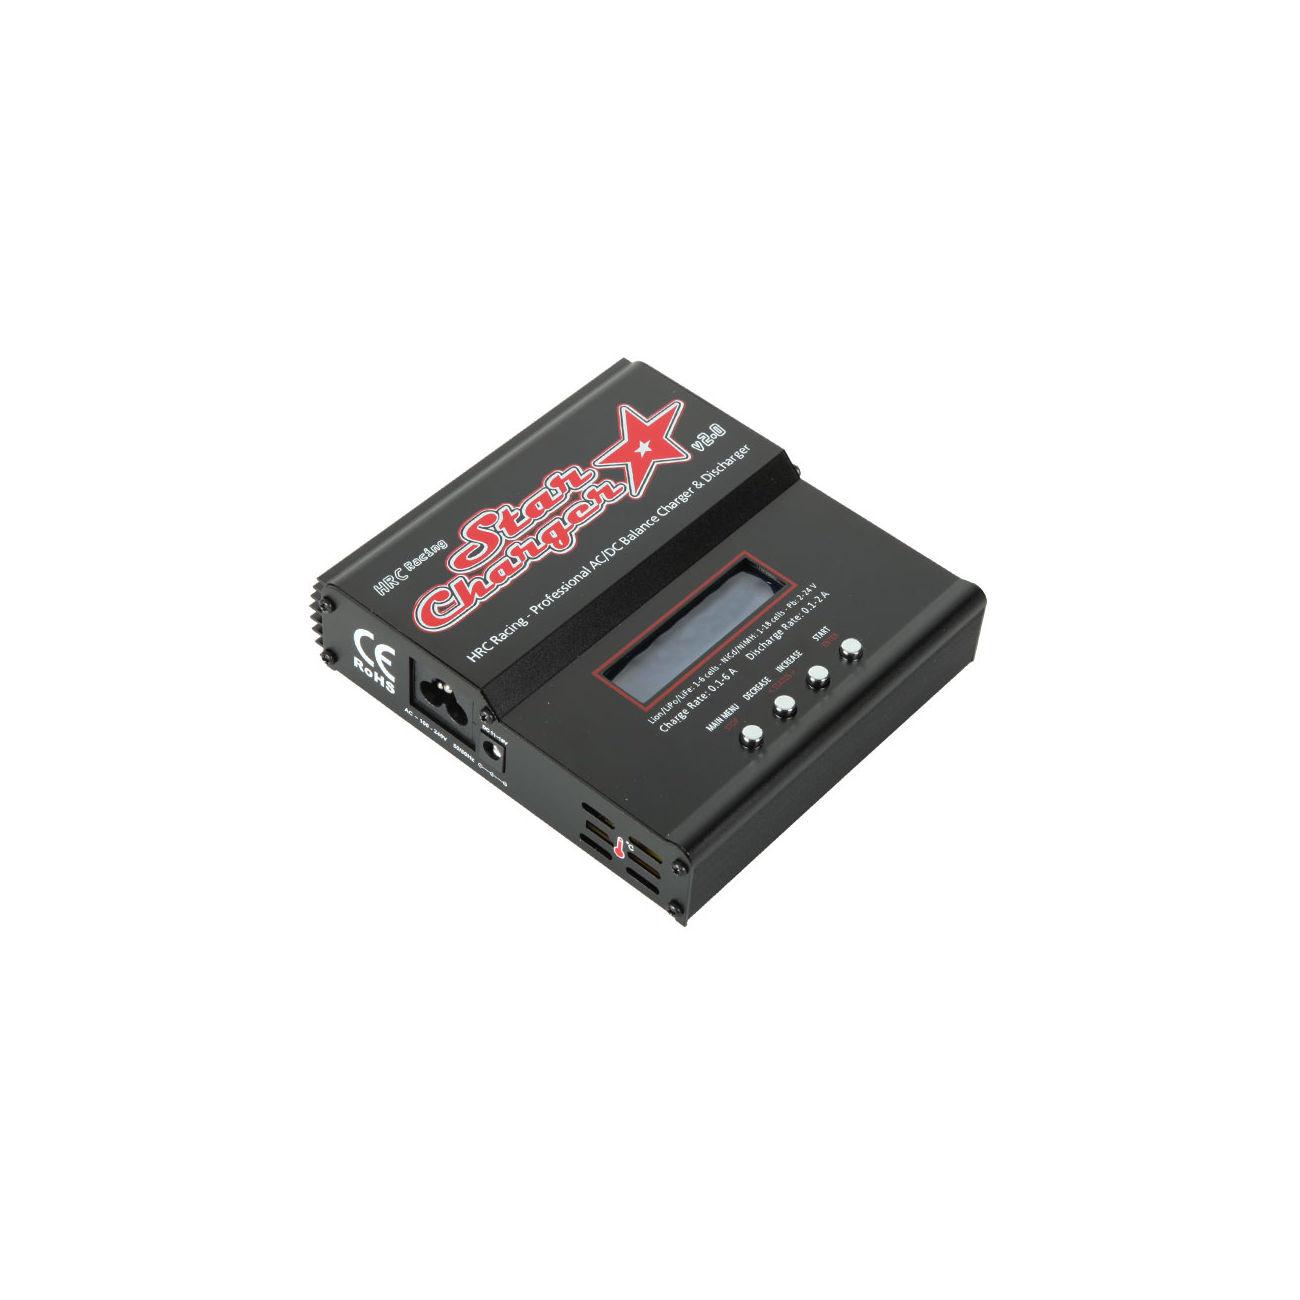 Hrc star charger v2 0 ladeger t lipo nimh pb 12v for Lipo schreibtisch